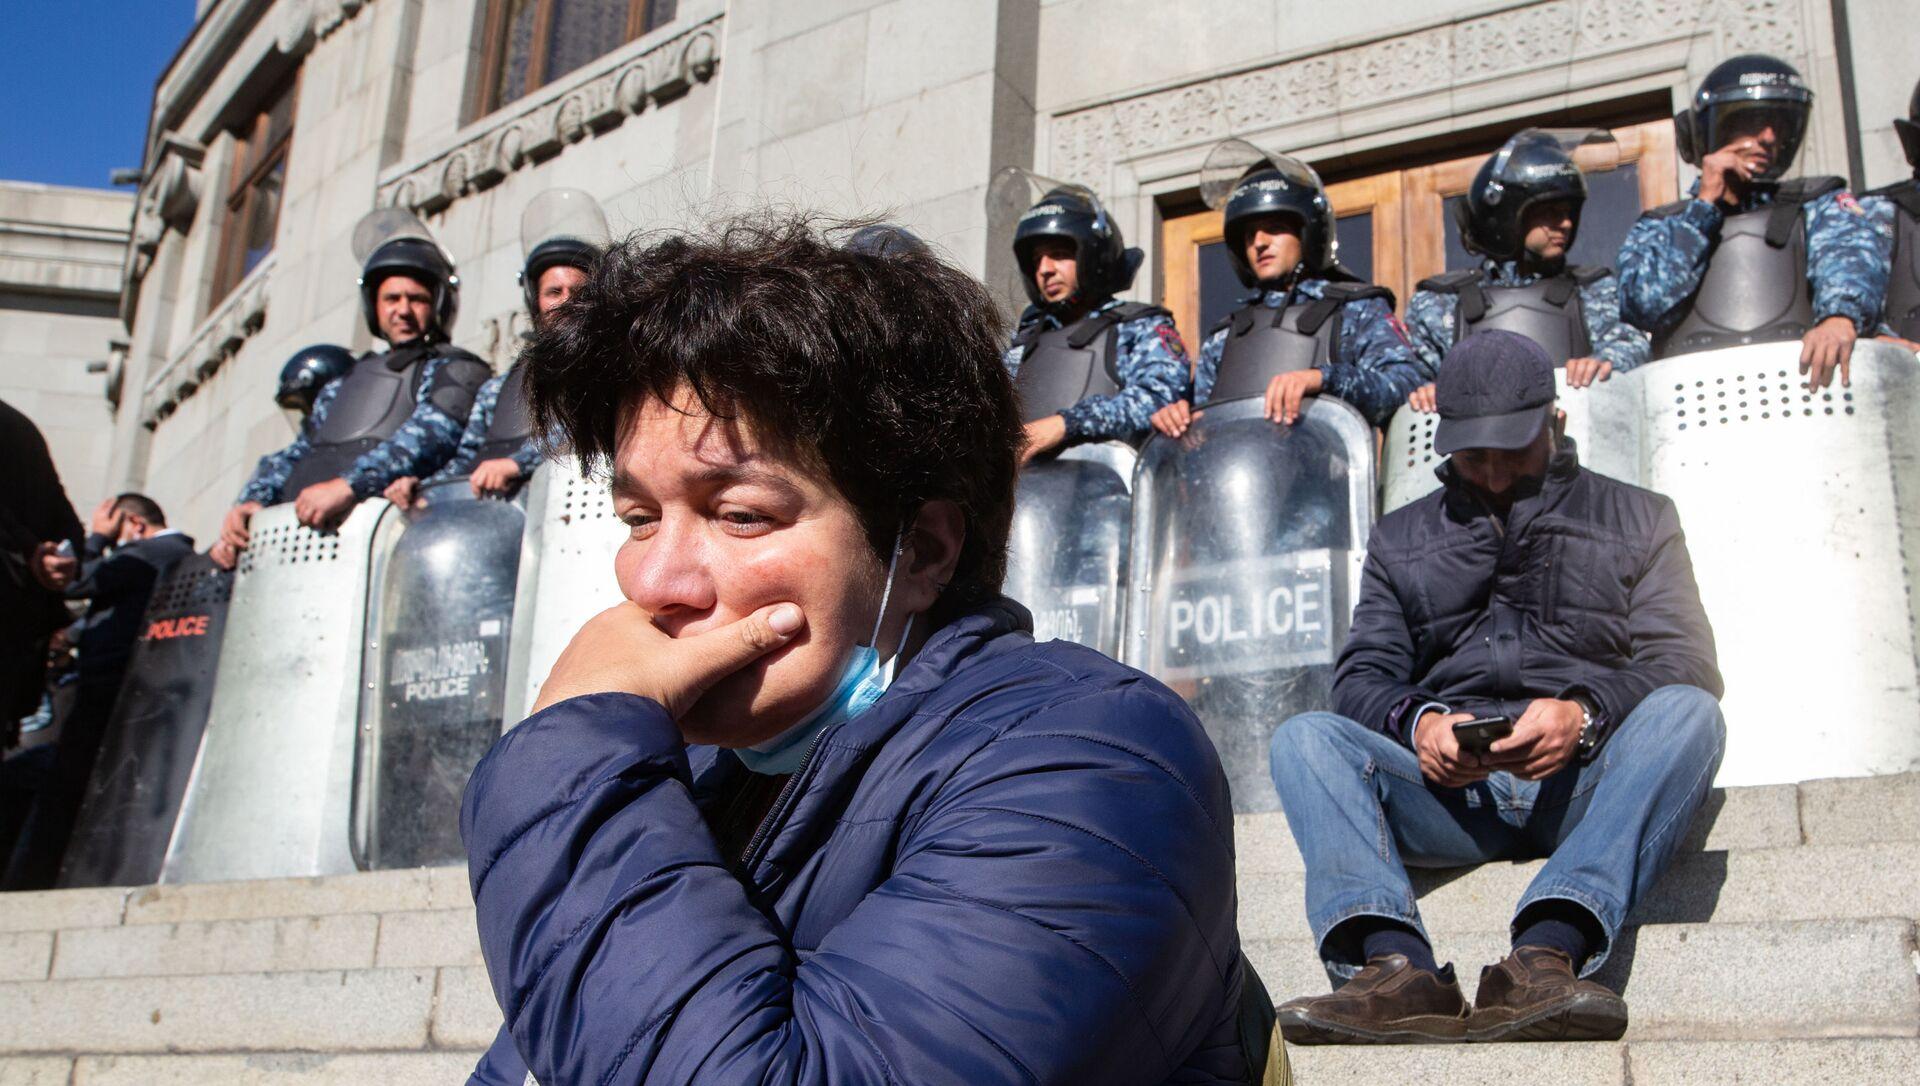 Участница митинга оппозиции на площади Свободы в Ереване и сотрудники полиции у здания оперного театра - Sputnik Србија, 1920, 11.03.2021